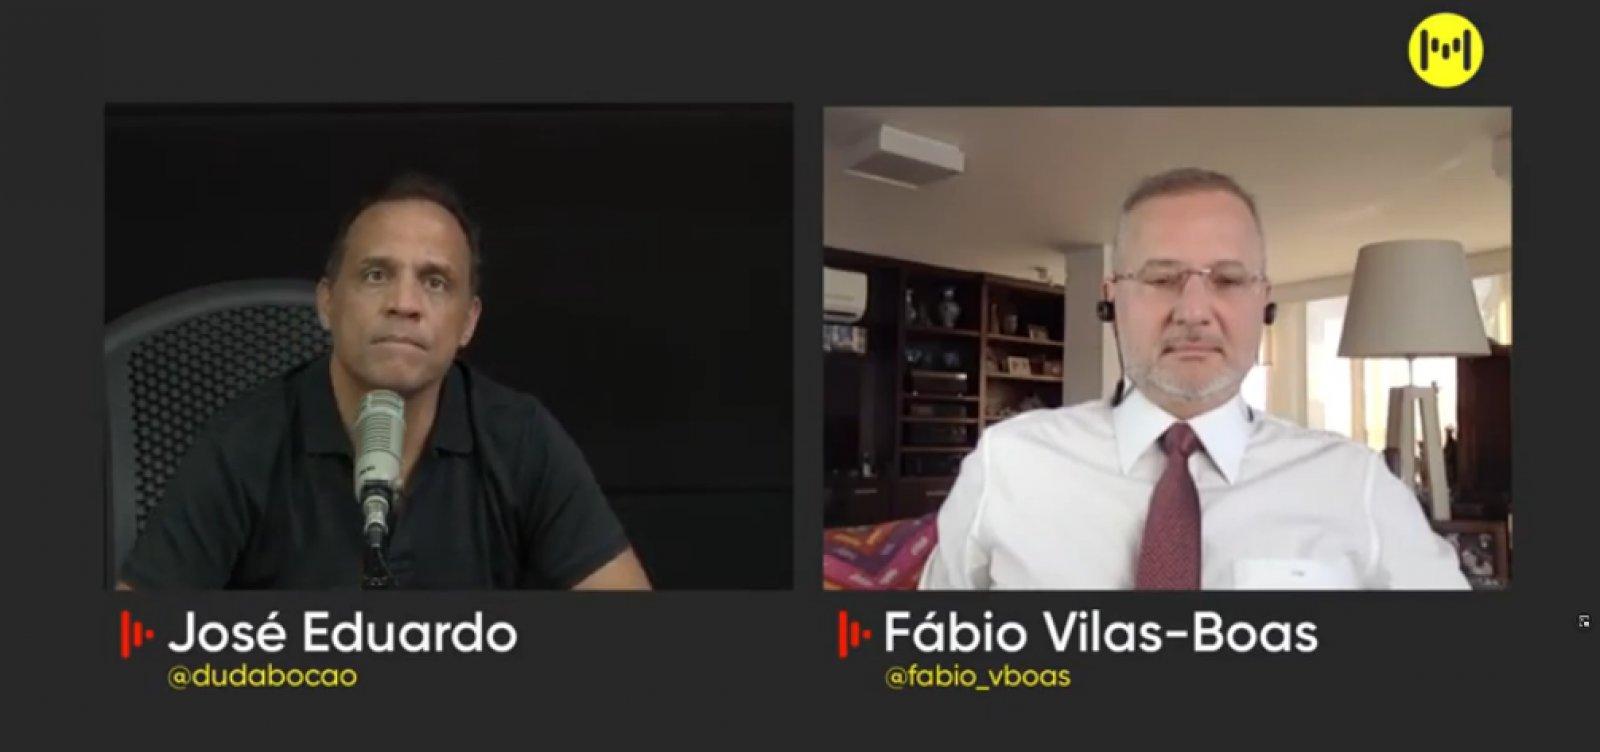 """Depois de crise da segunda dose, Vilas-Boas diz que voltará a armazenar CoronaVac: """"Não vamos mais confiar"""""""